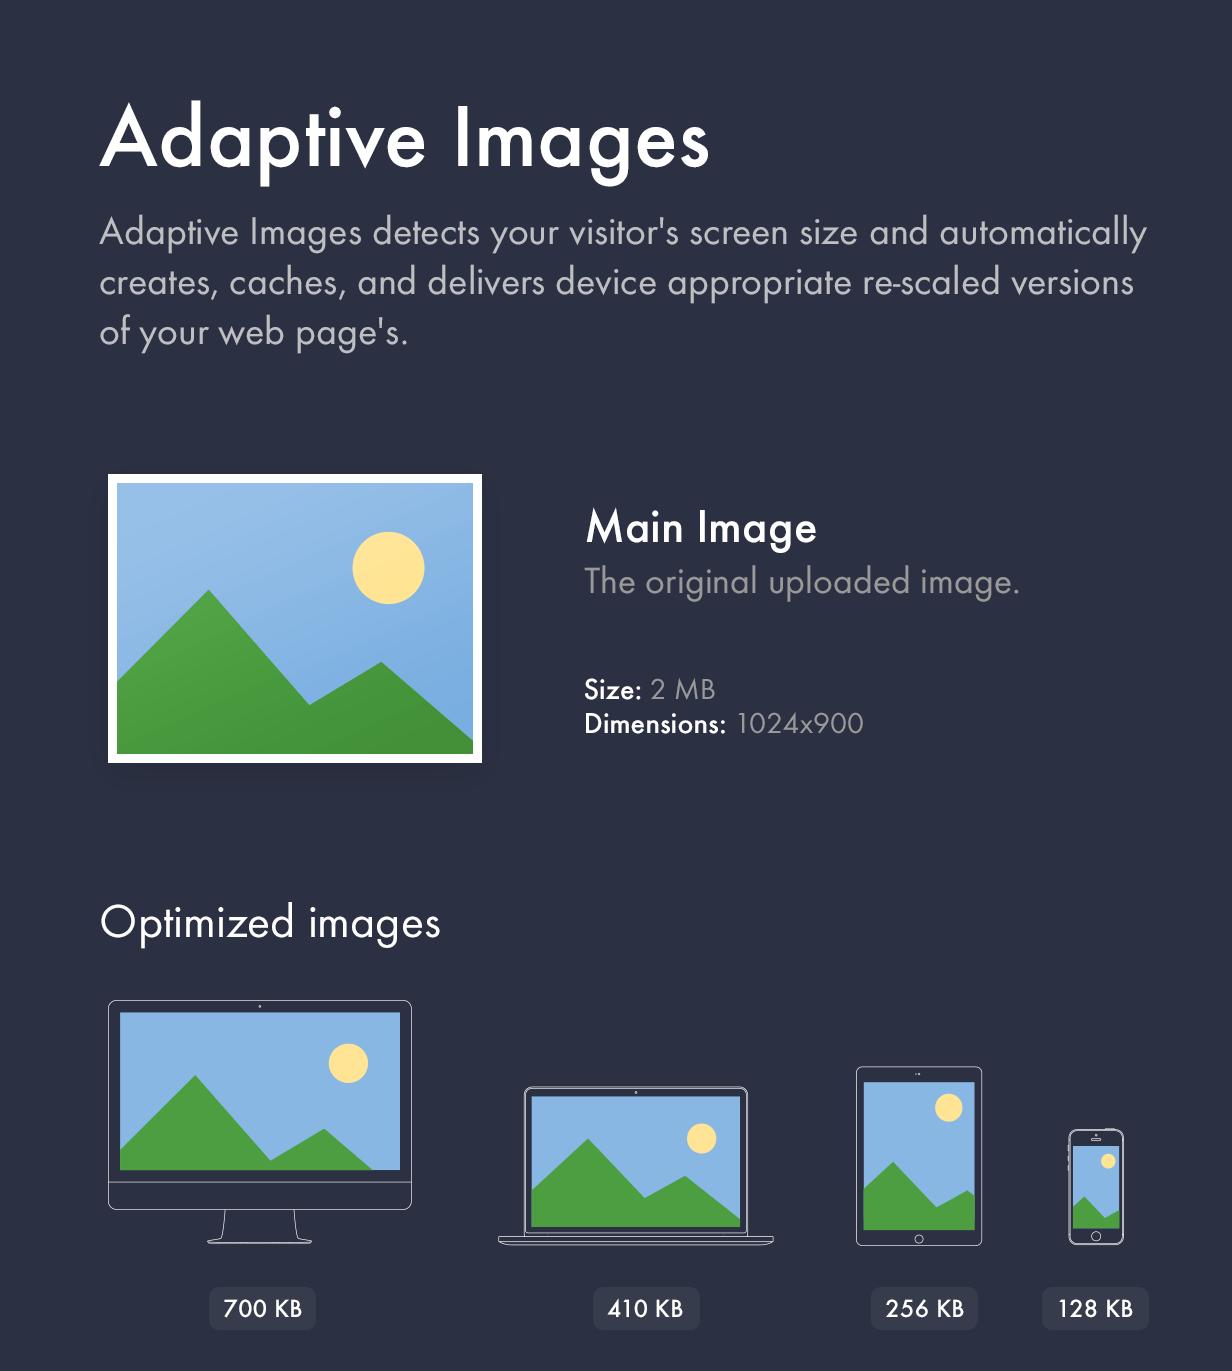 Adaptive Images technology